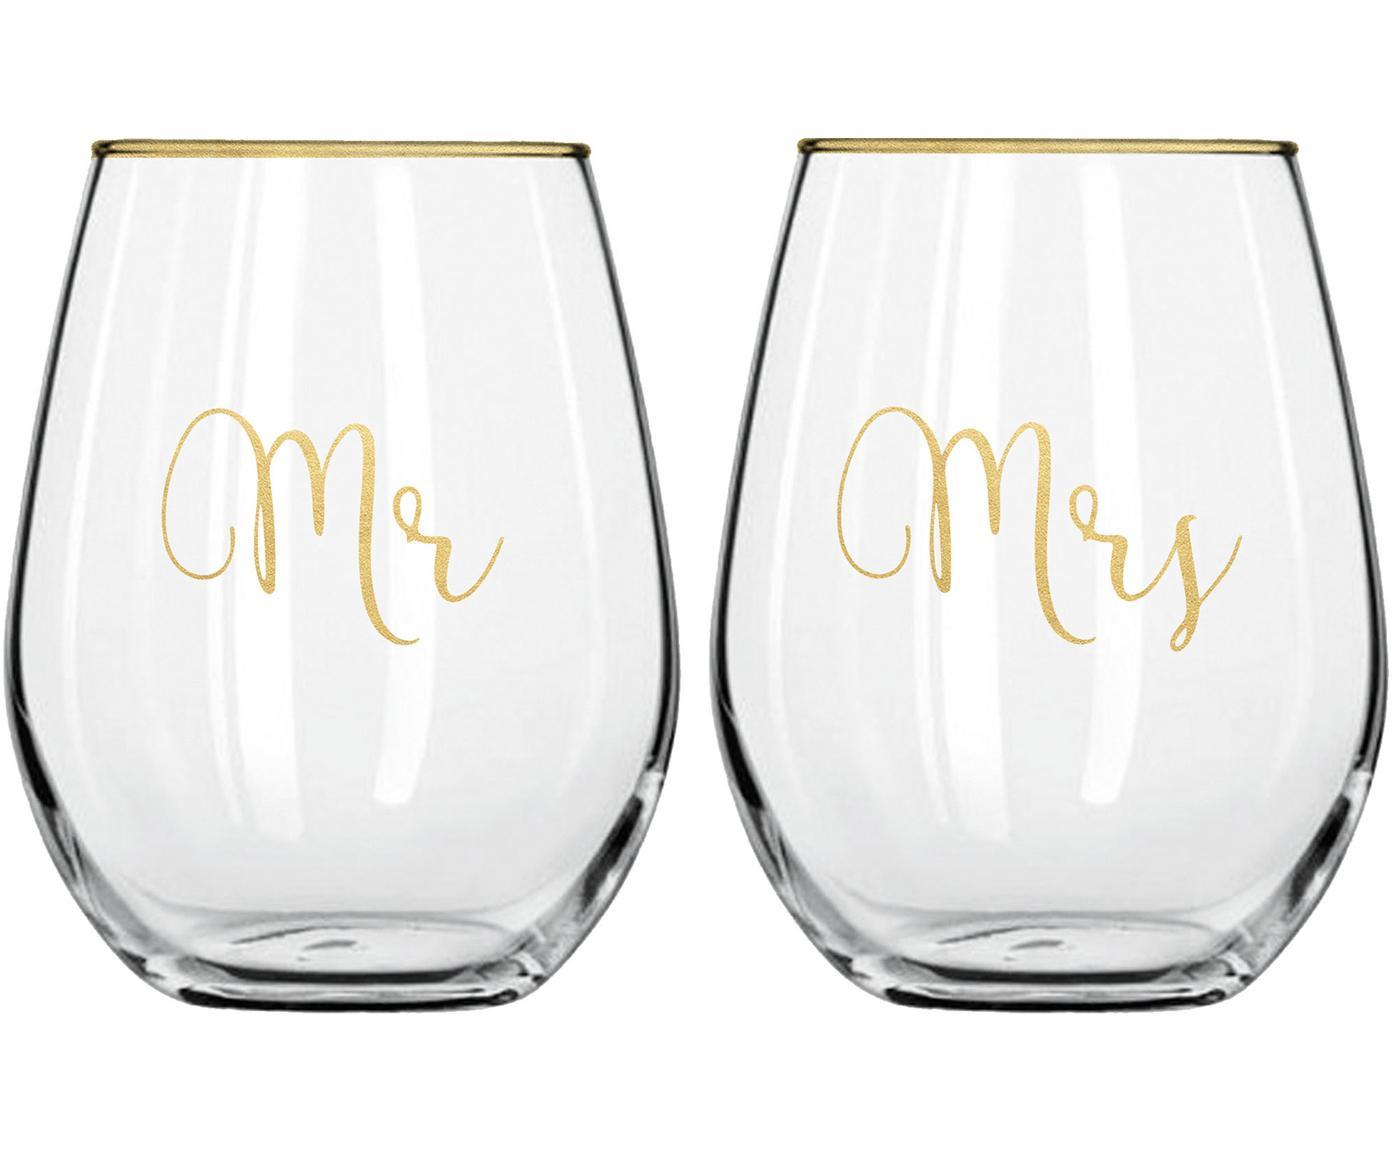 Vasos Mr and Mrs, 2uds., Vidrio, Transparente, dorado, Ø 10 x Al 13 cm